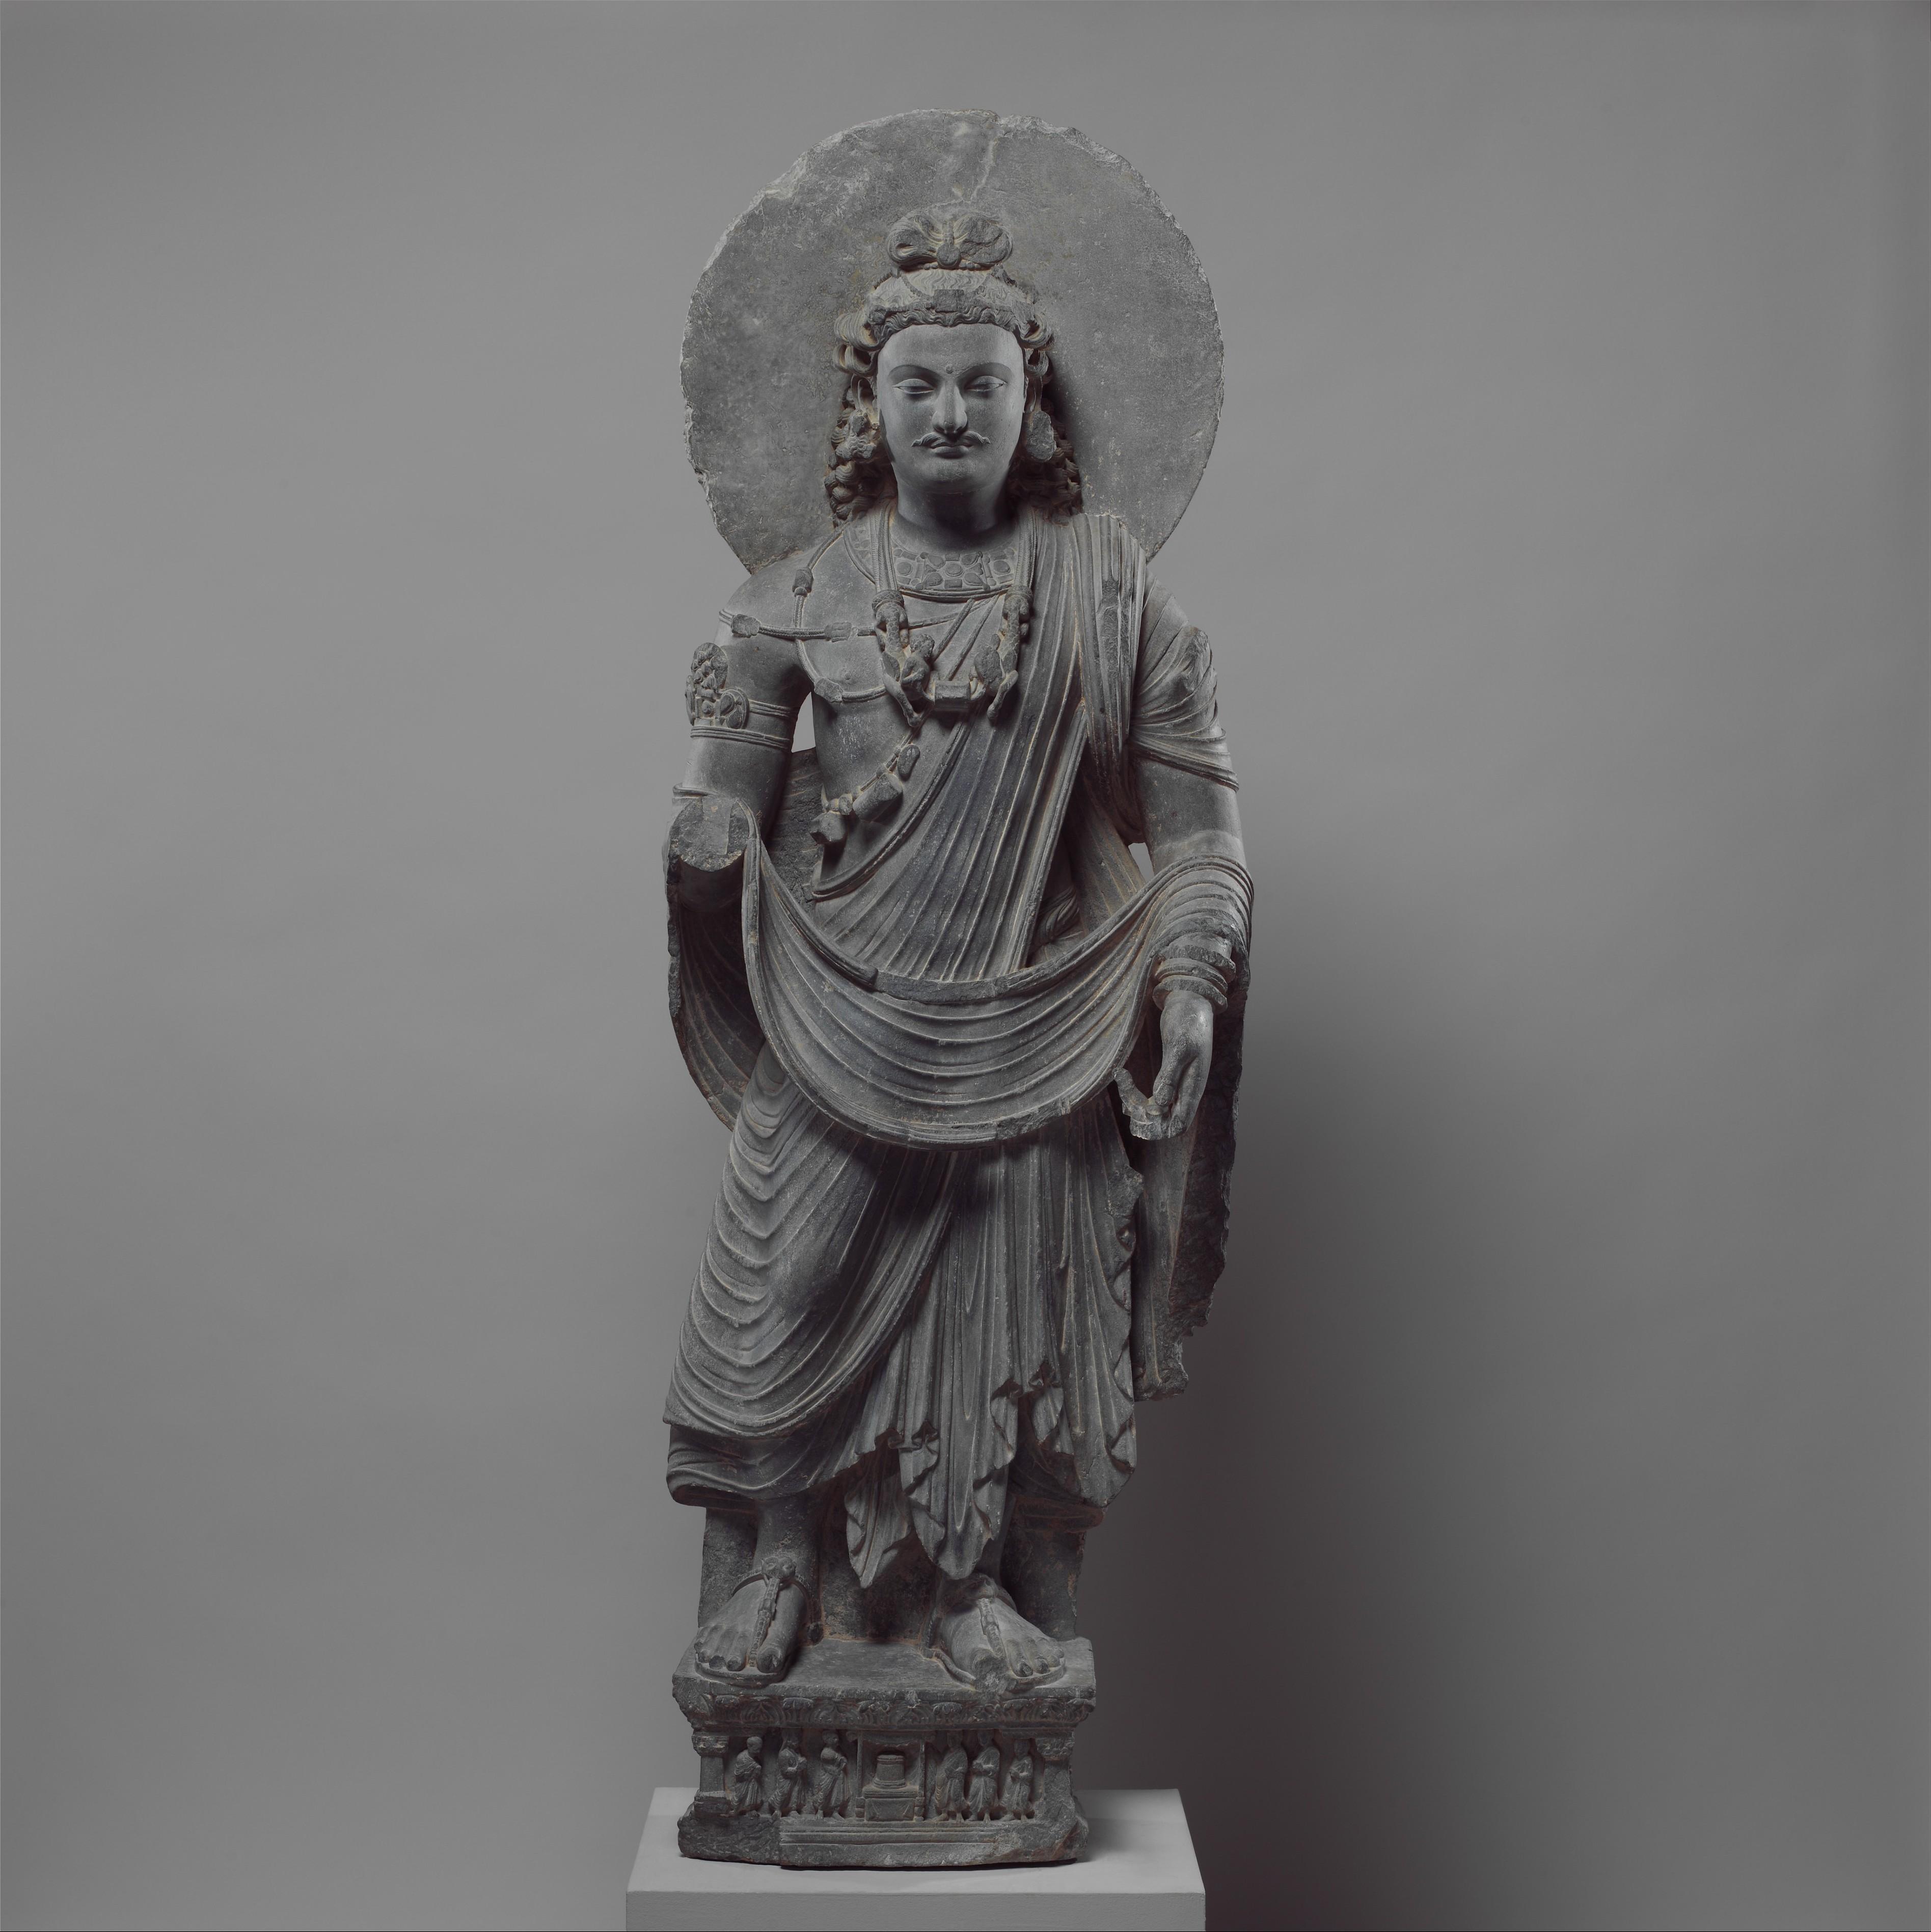 Standing Bodhisattva Maitreya Buddha Of The Future Pakistan Ancient Region Of Gandhara The Met